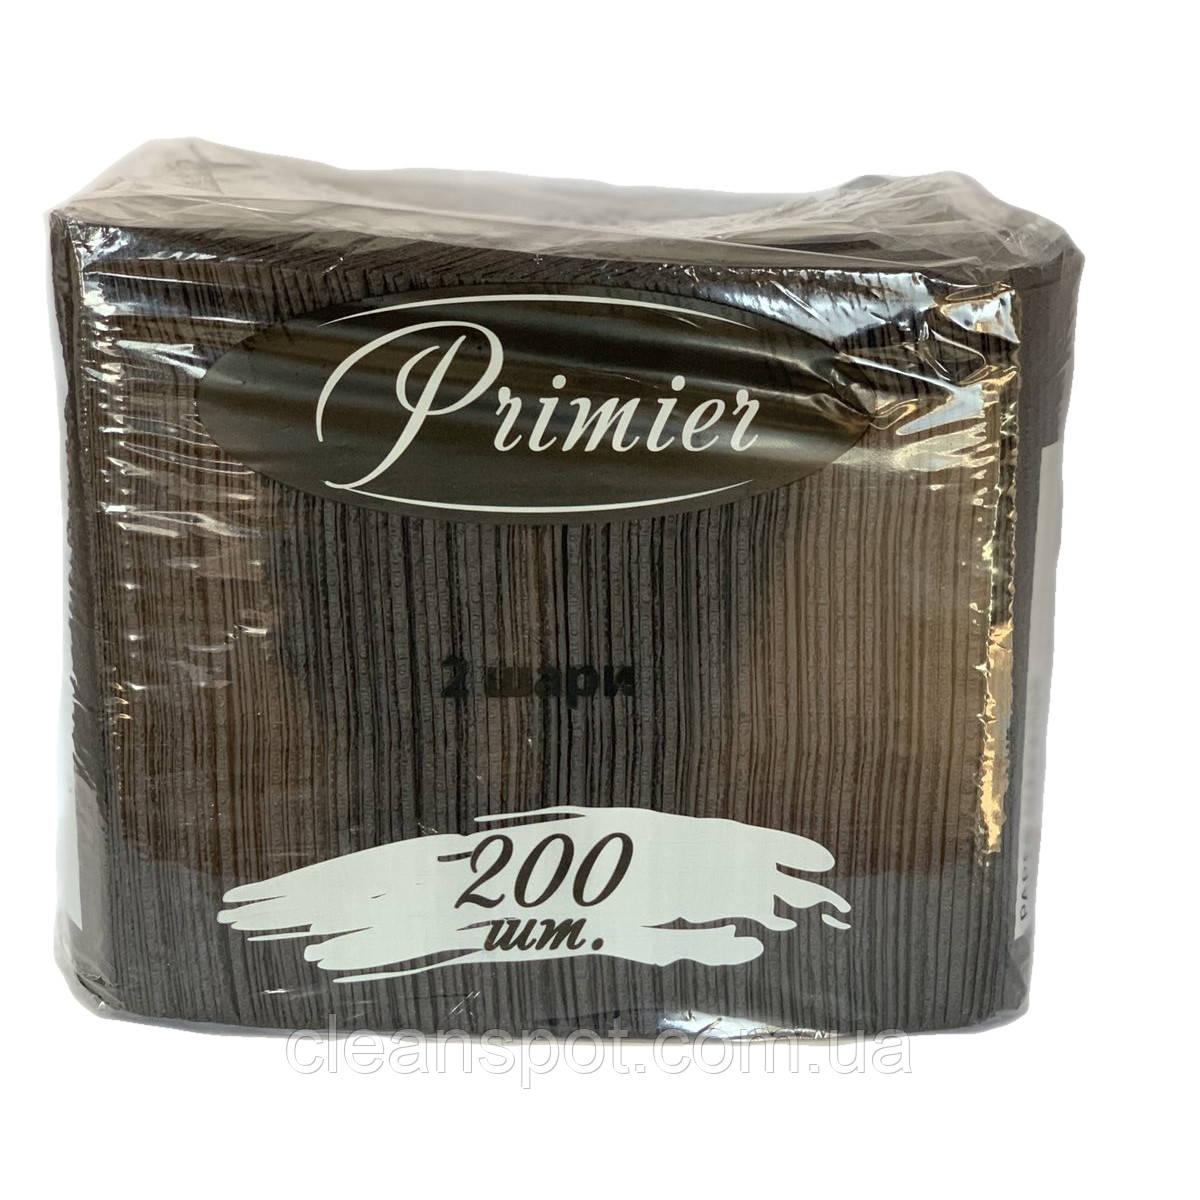 Салфетка чёрная столовая 33см 2-слойная 200 шт. Primier